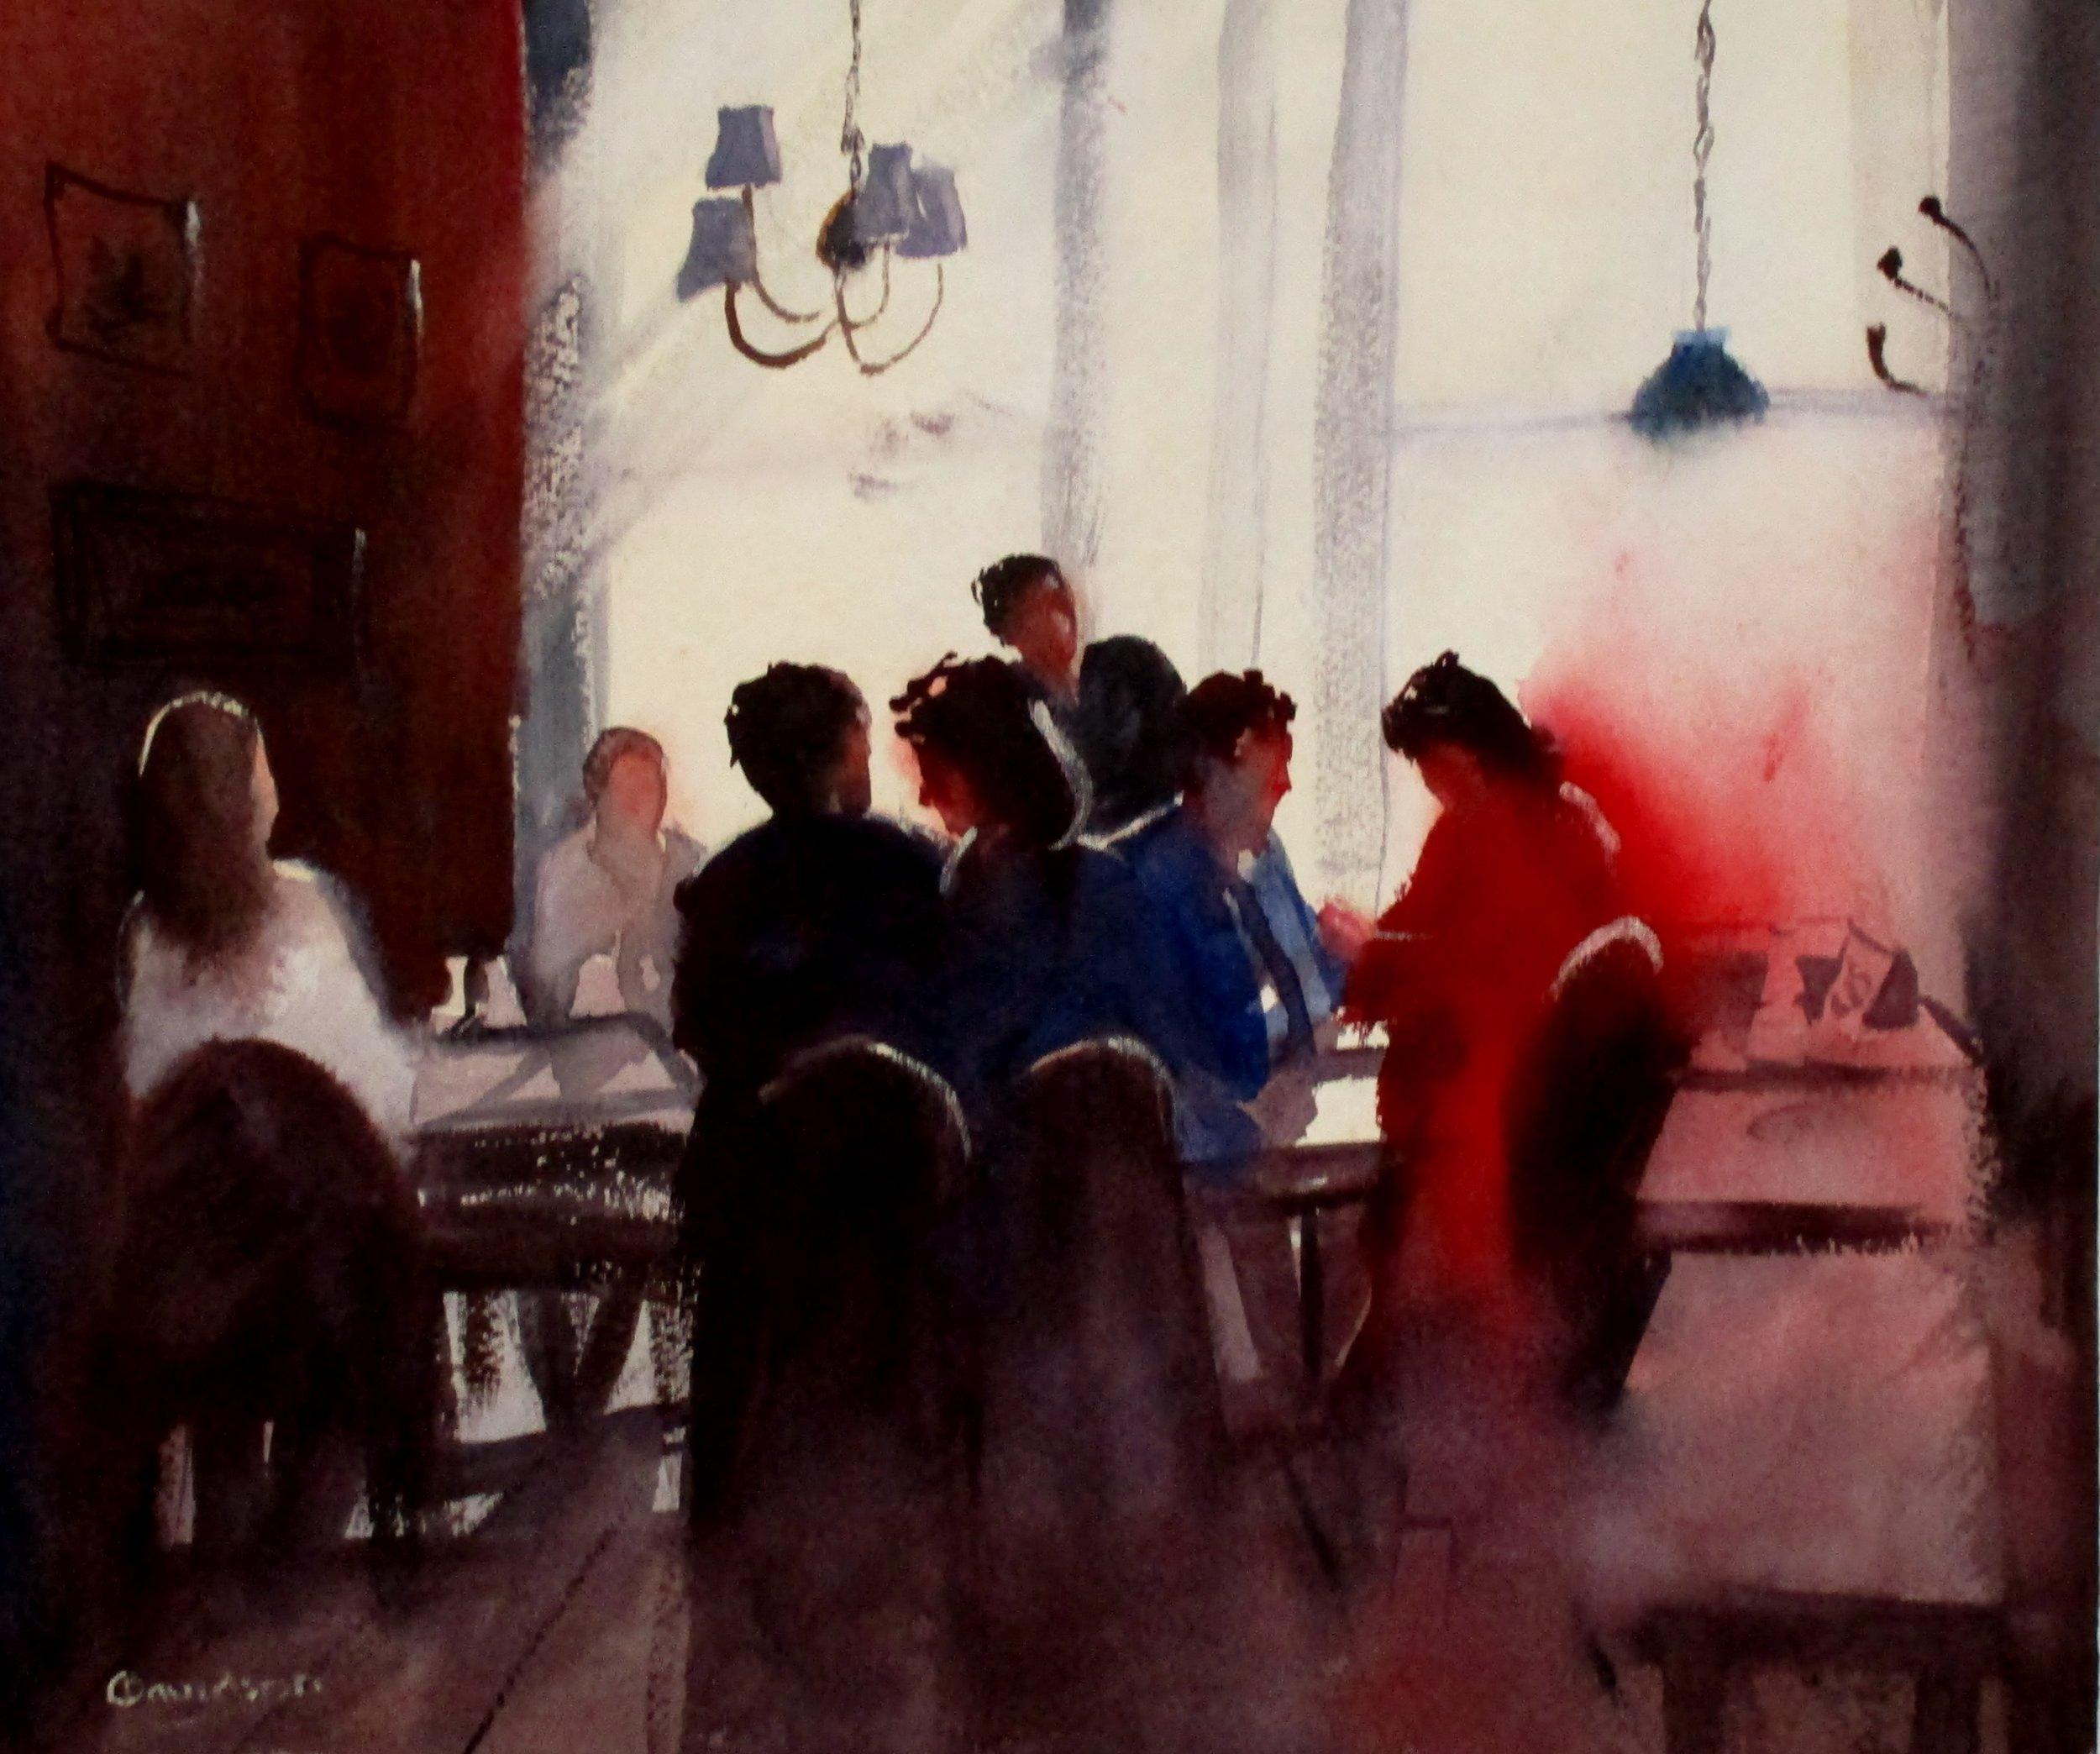 Carol Davidson - Cafe Culture